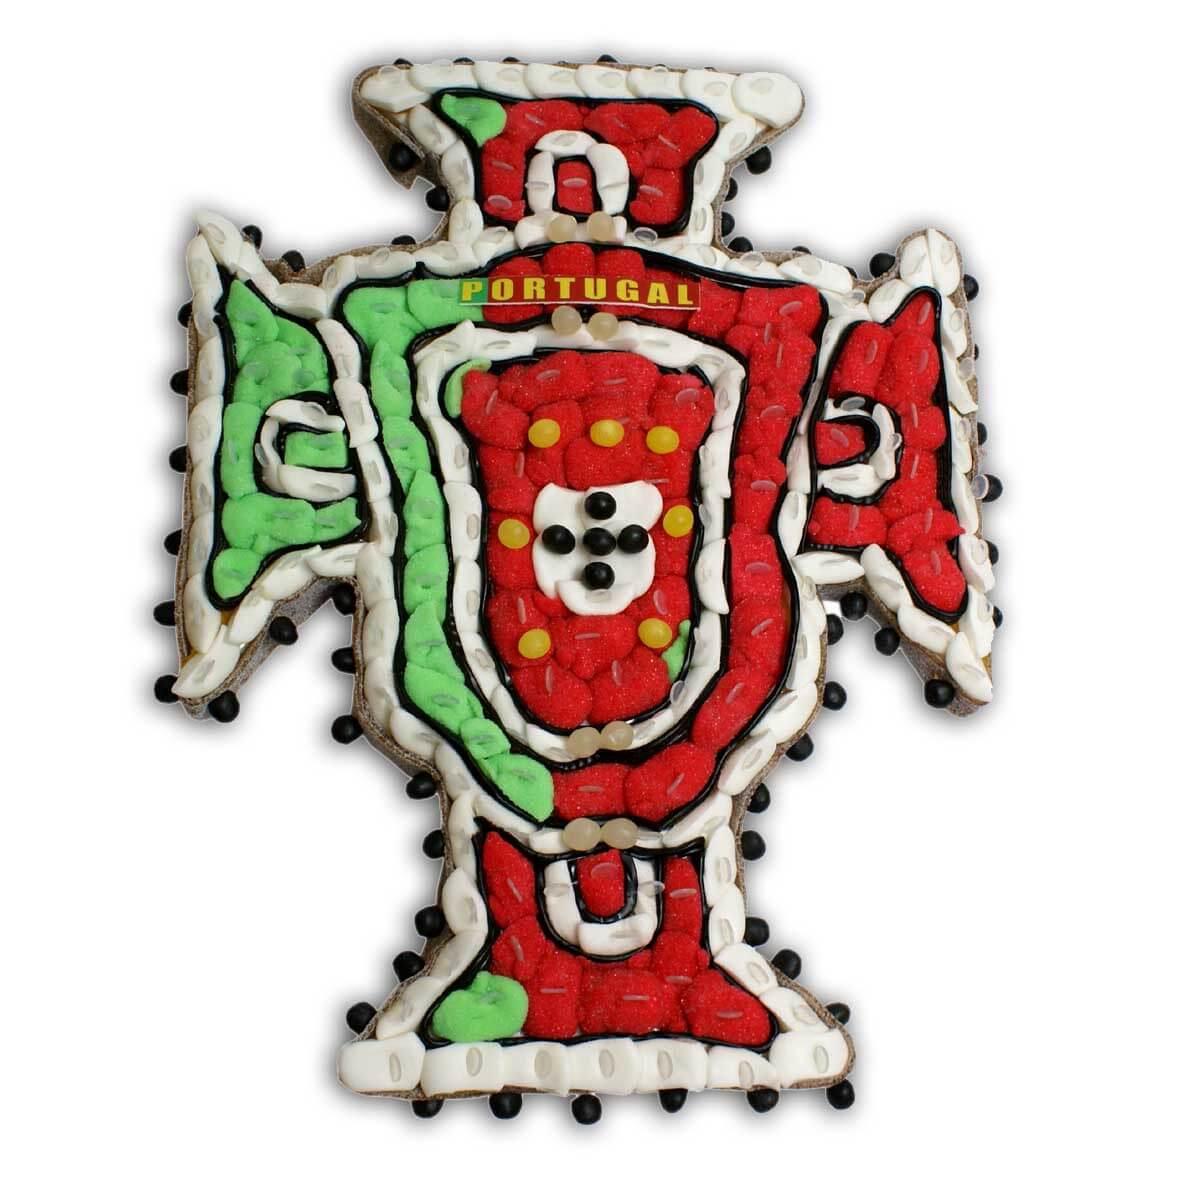 Gâteau Portugais